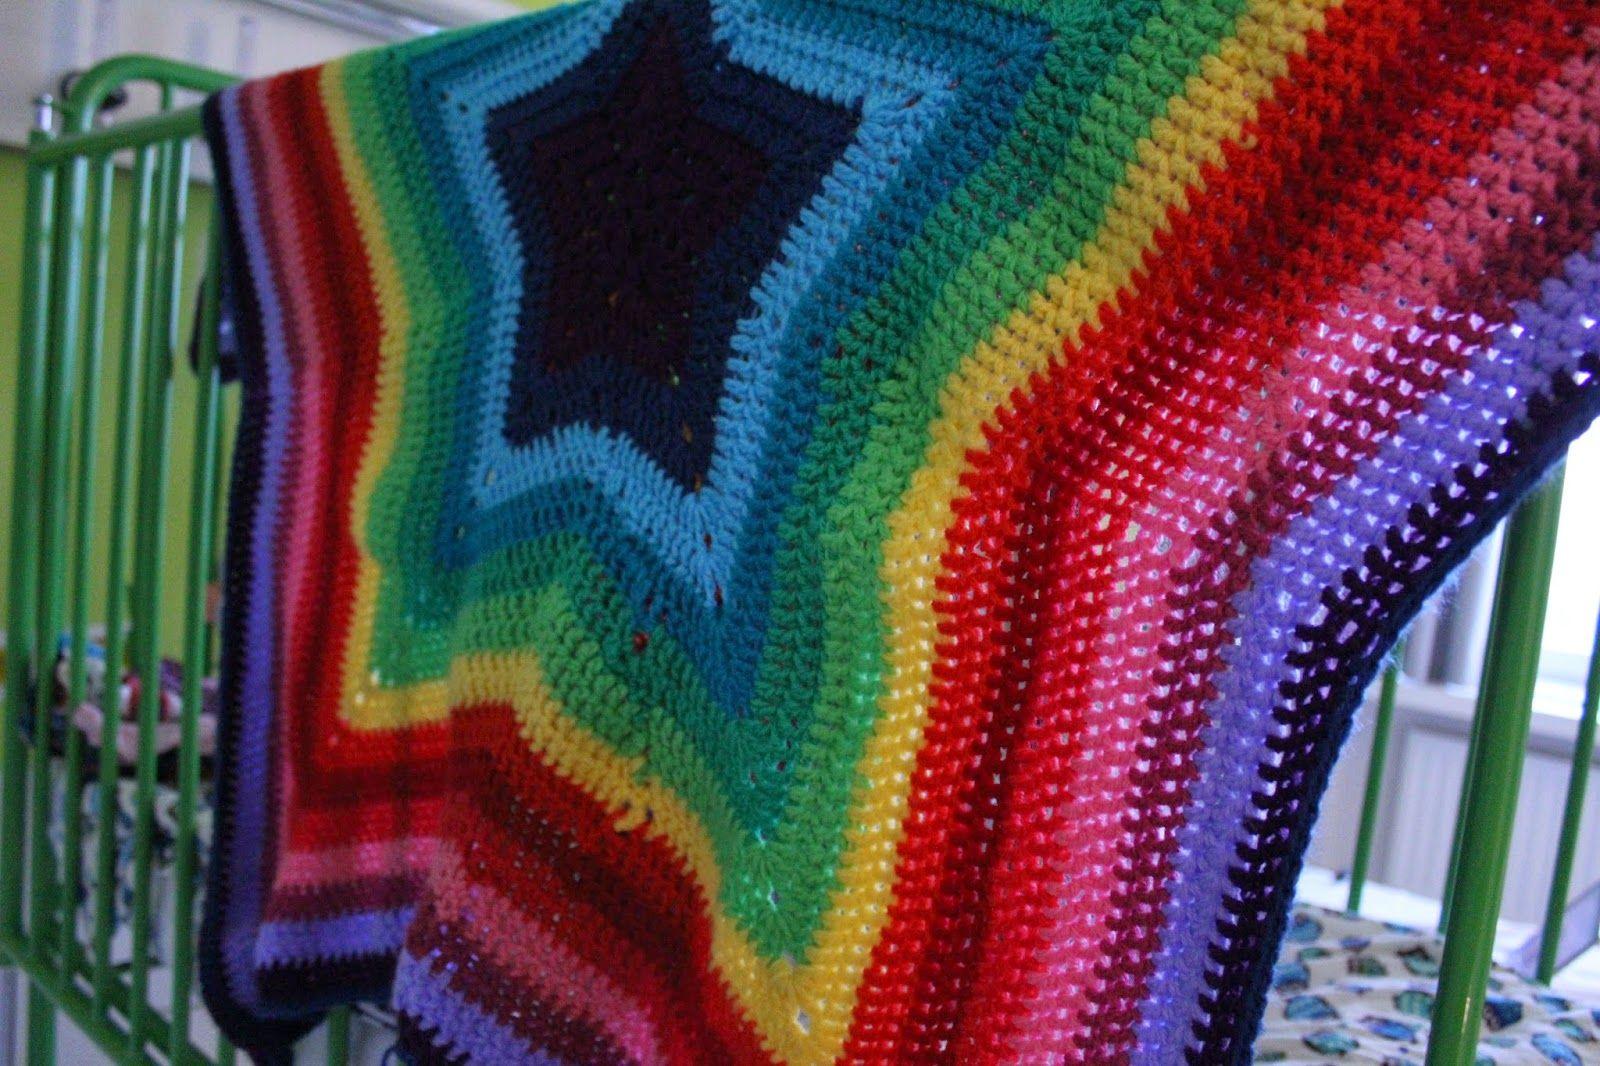 Crochet Star Rainbow Blanket Haken Ster Regenboog Deken Baby